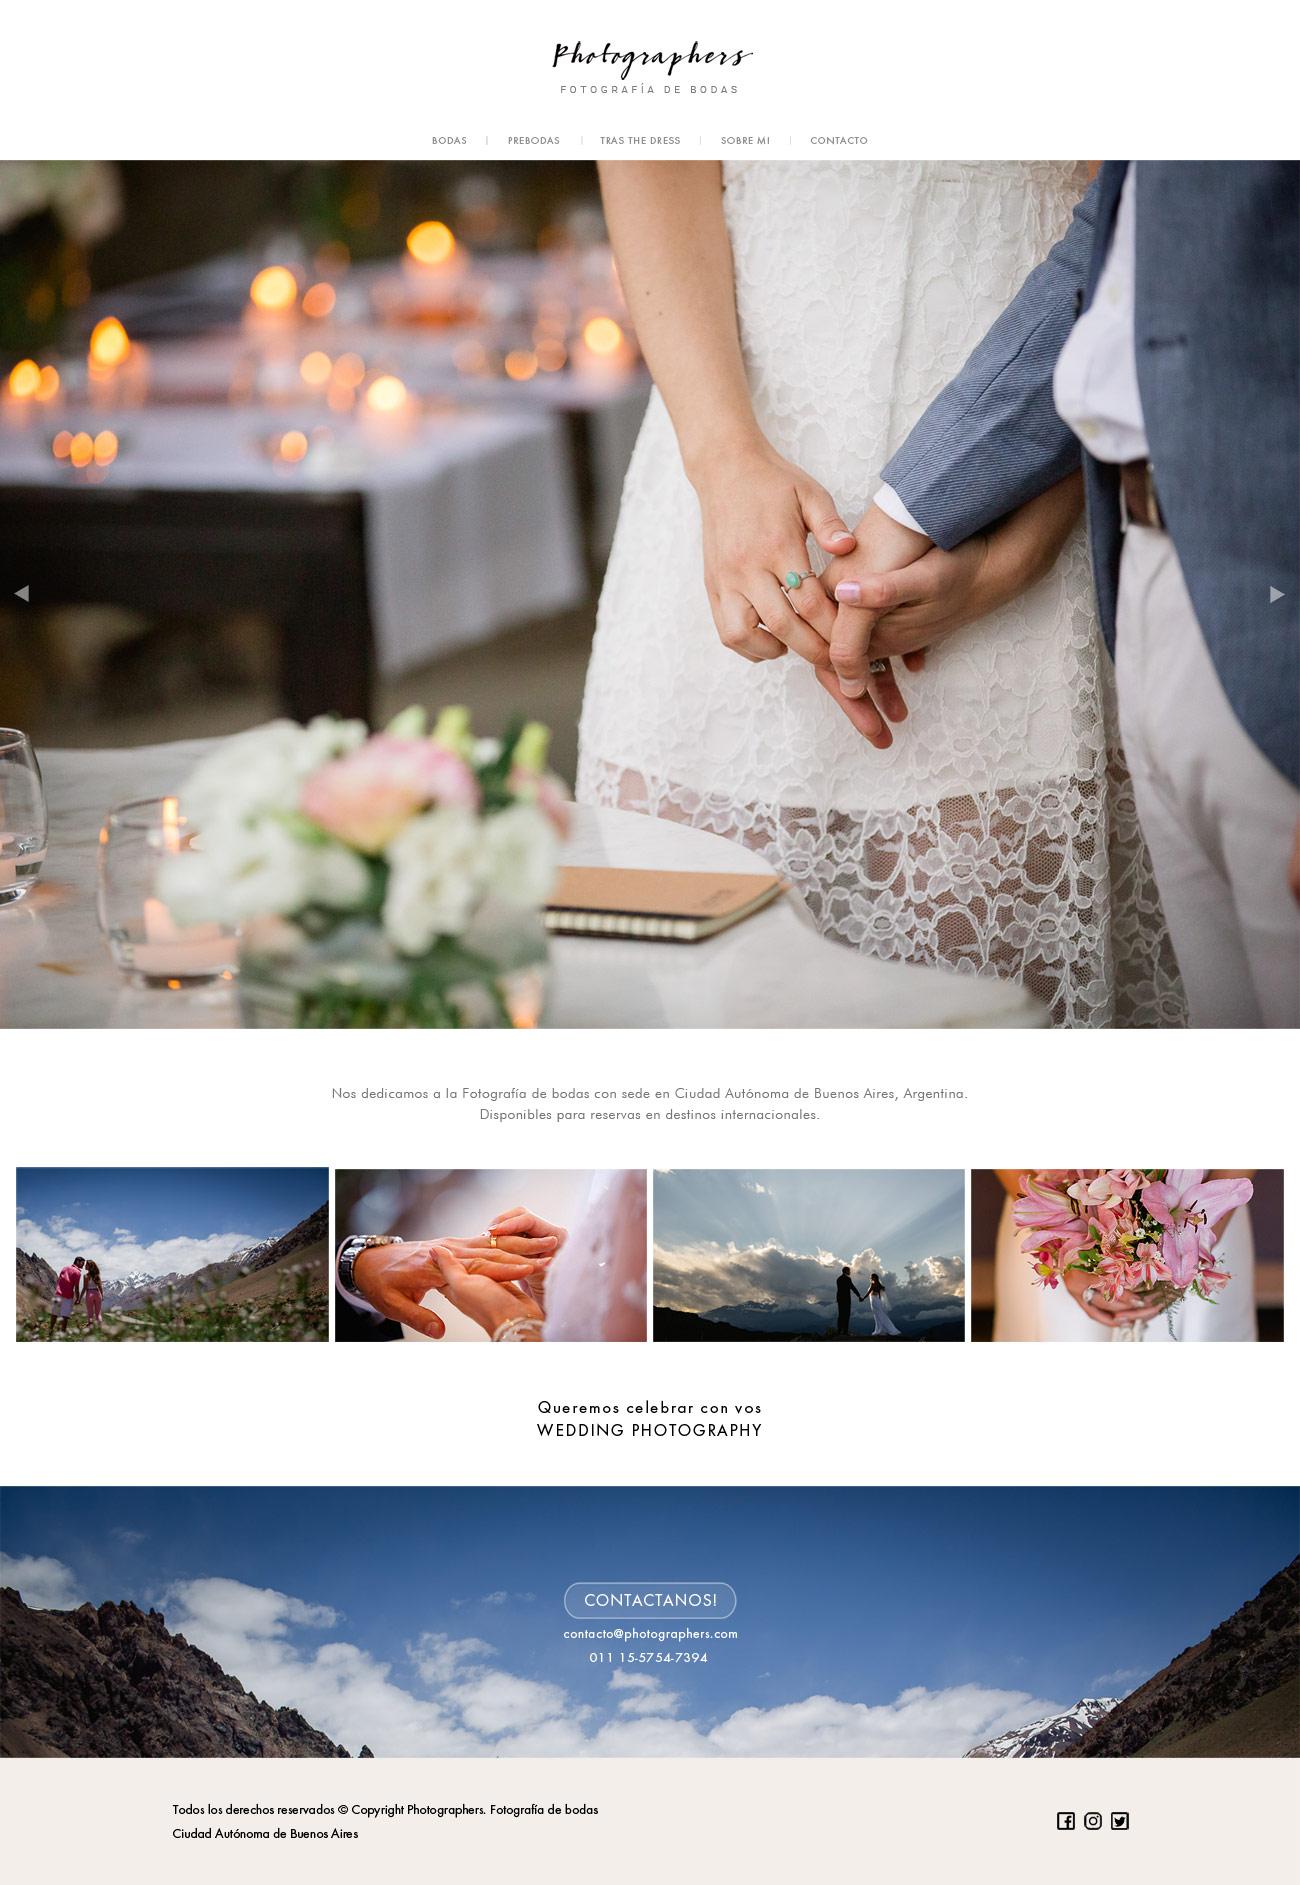 Diseño web página de fotografía realizado por lavueltaweb